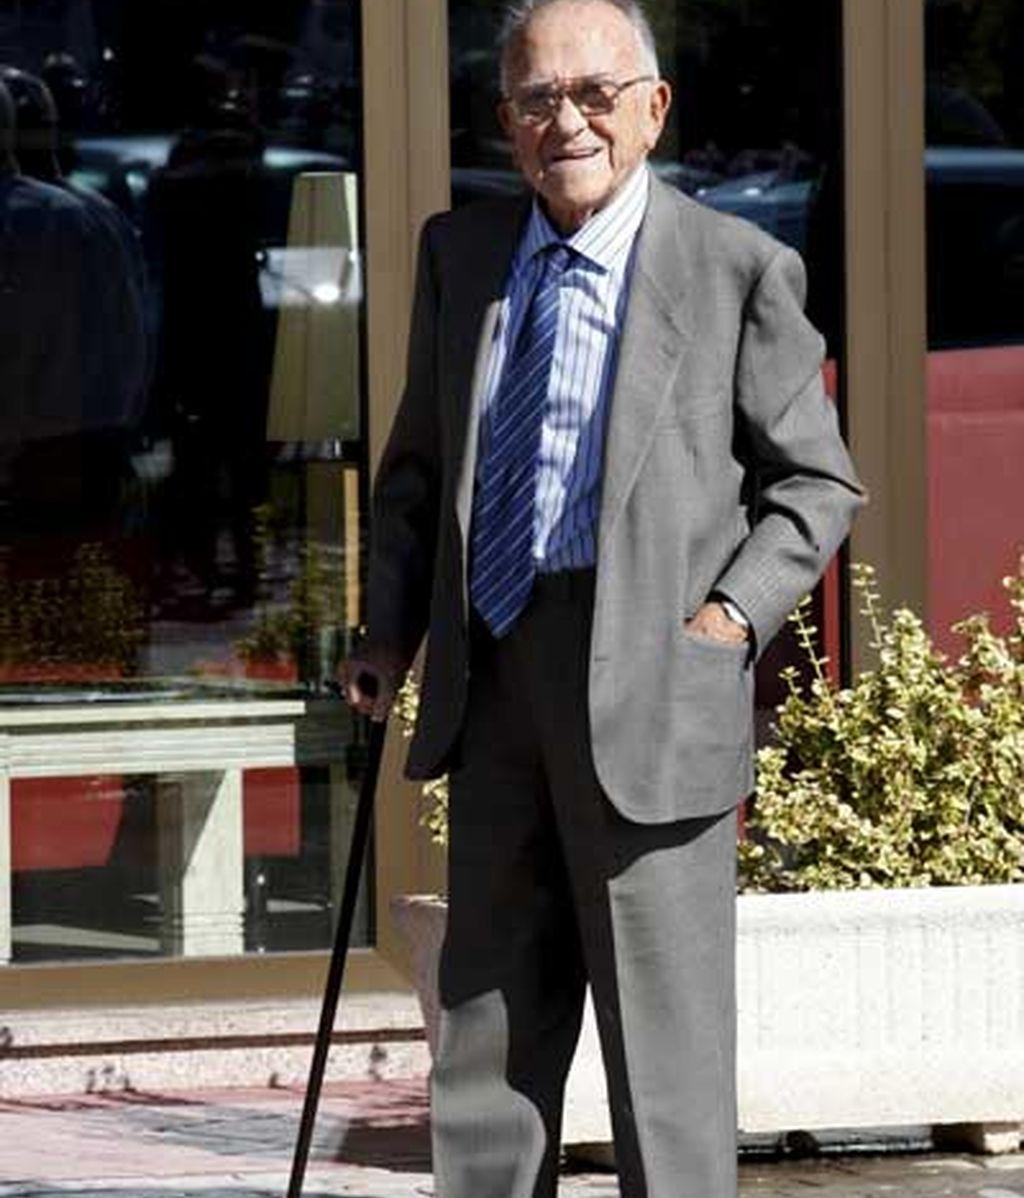 El ex secretario general del PCE Santiago Carrillo acude a la capilla ardiente